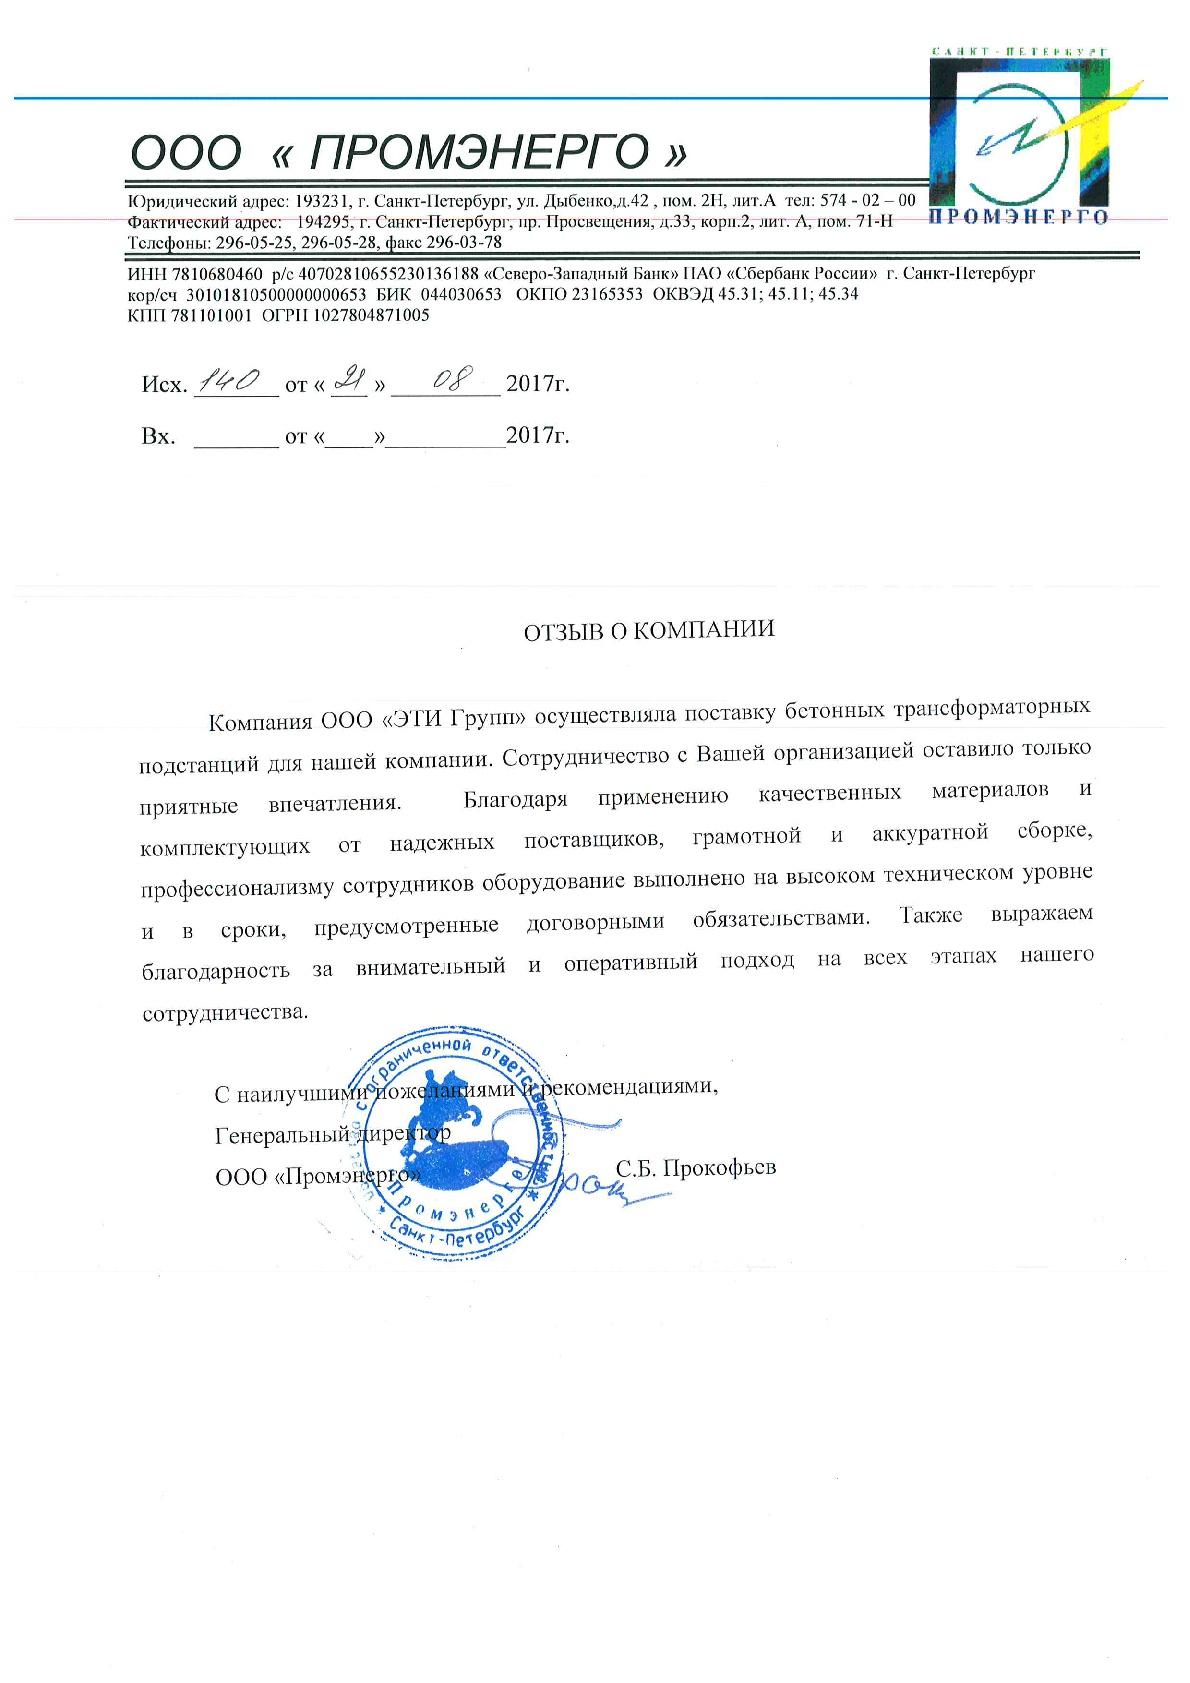 """Отзыв от ООО """"Промэнерго"""""""